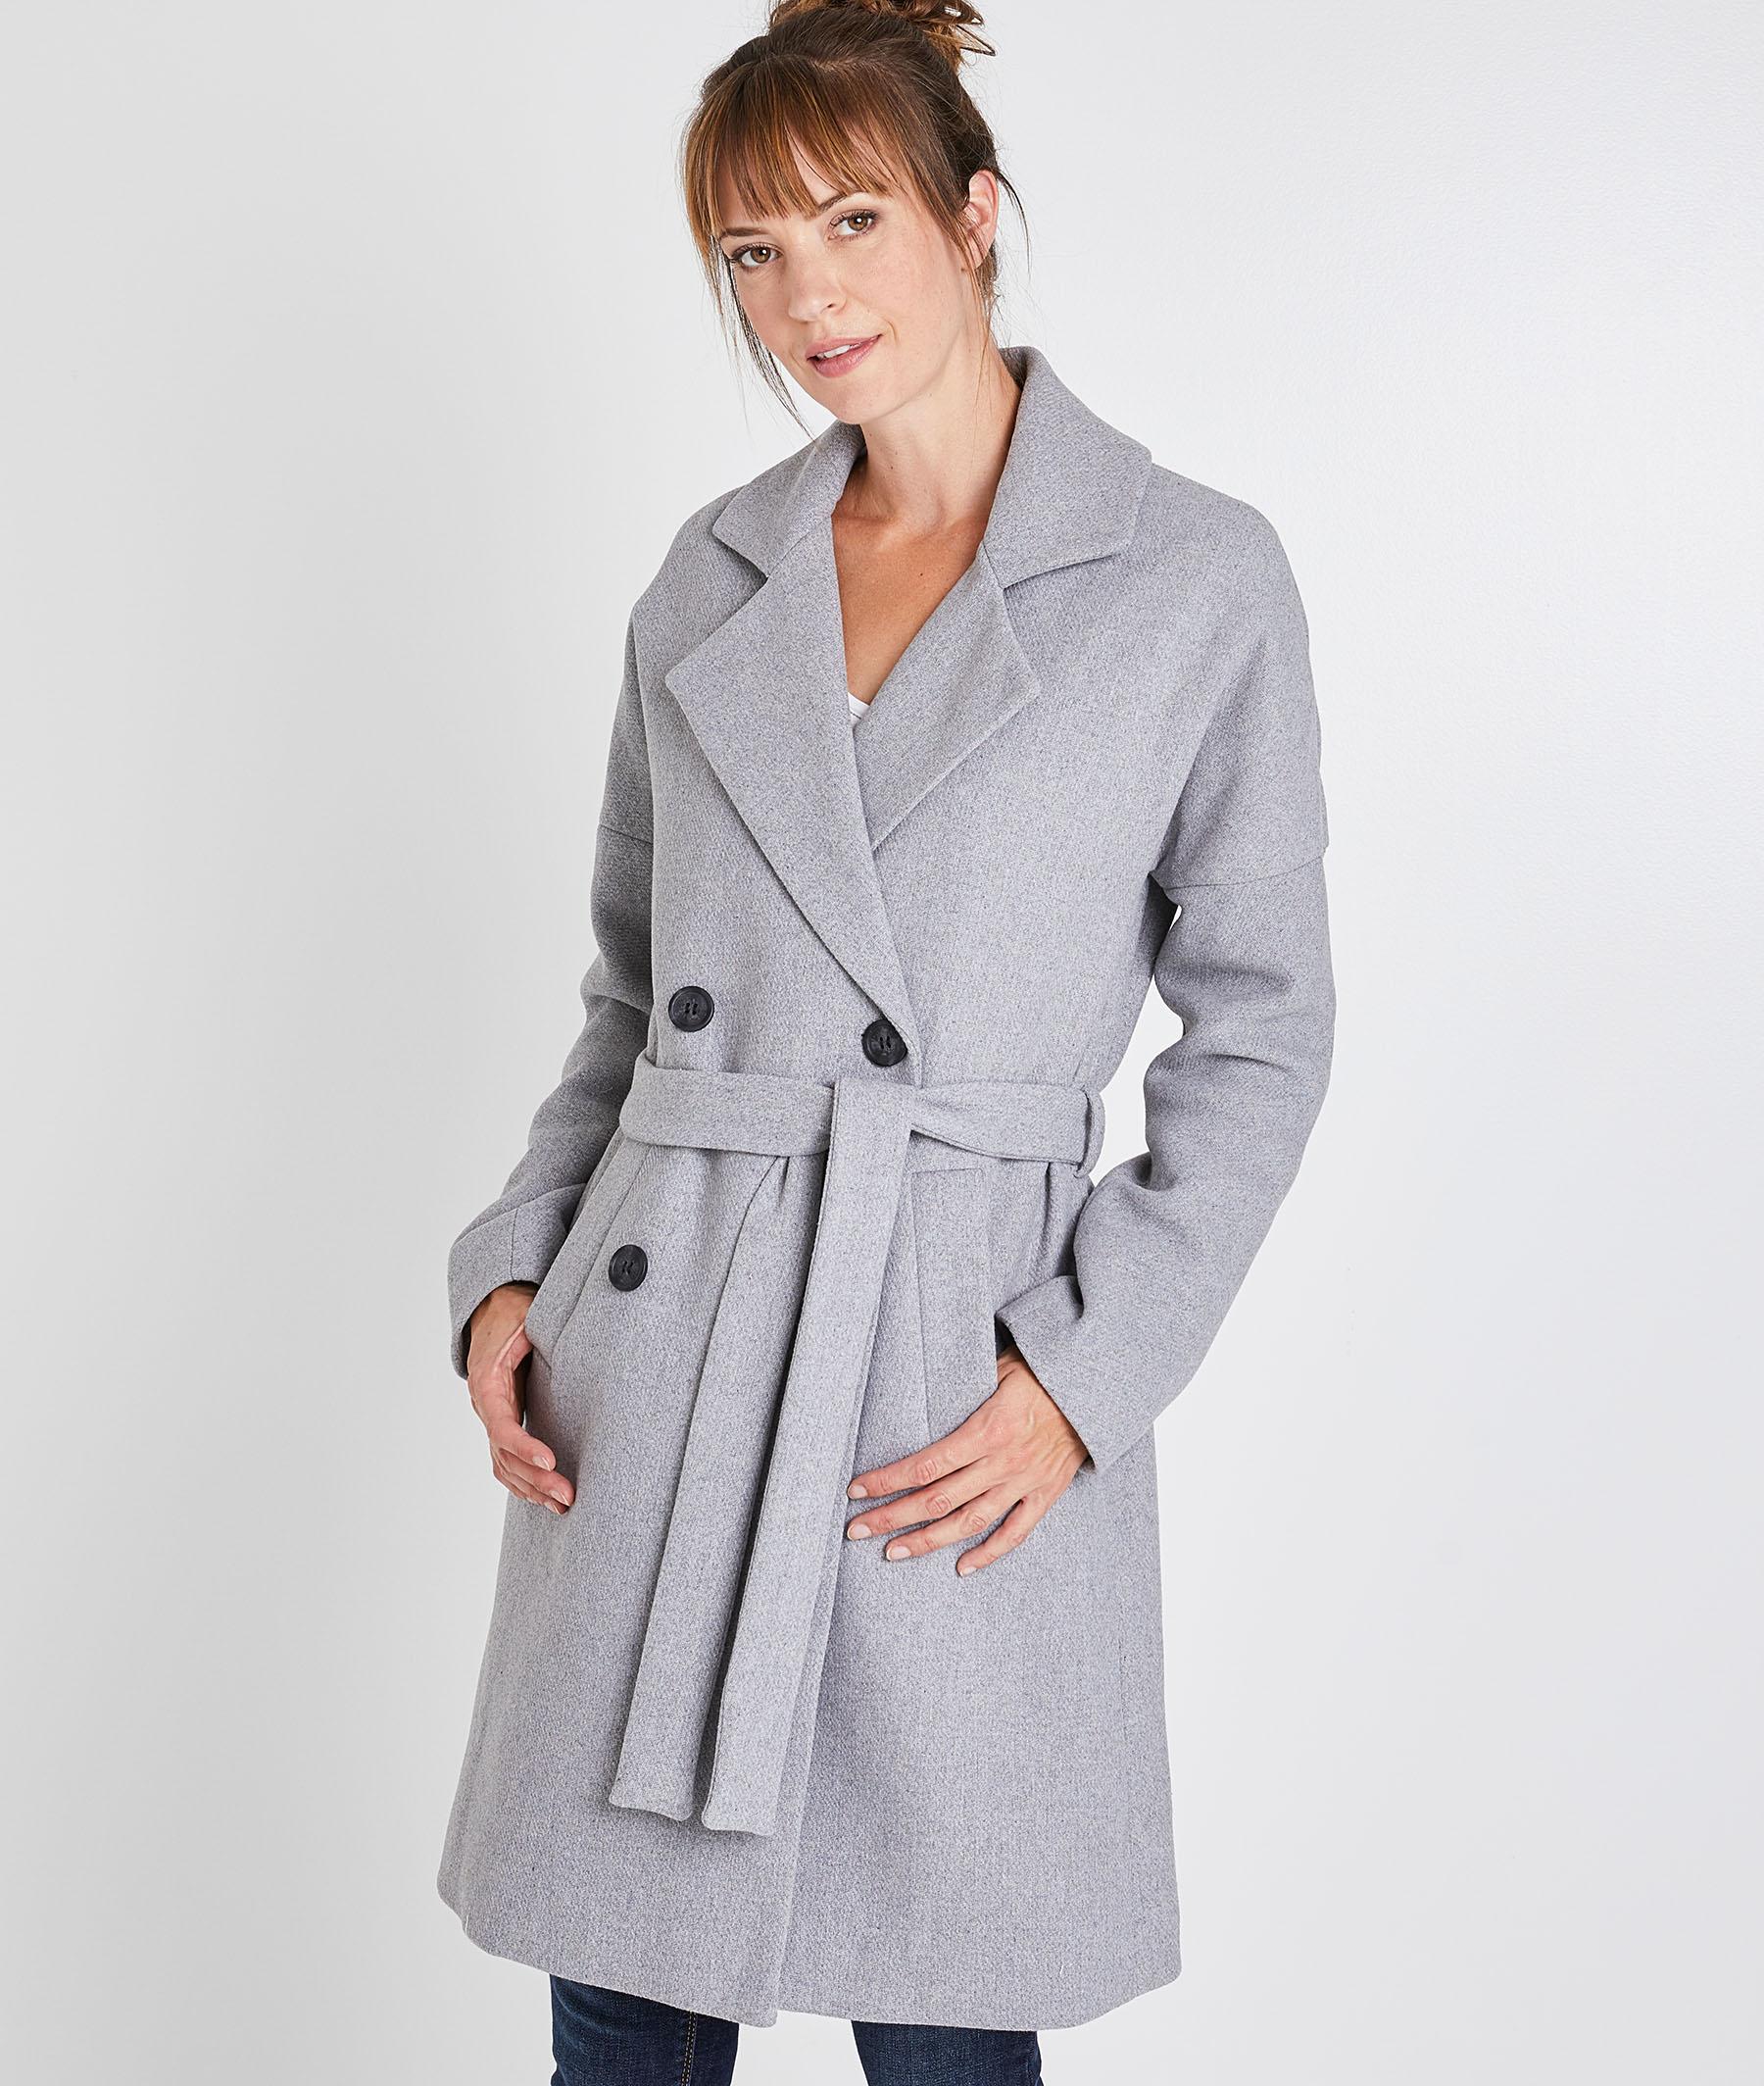 Manteau long gris femme GRIS